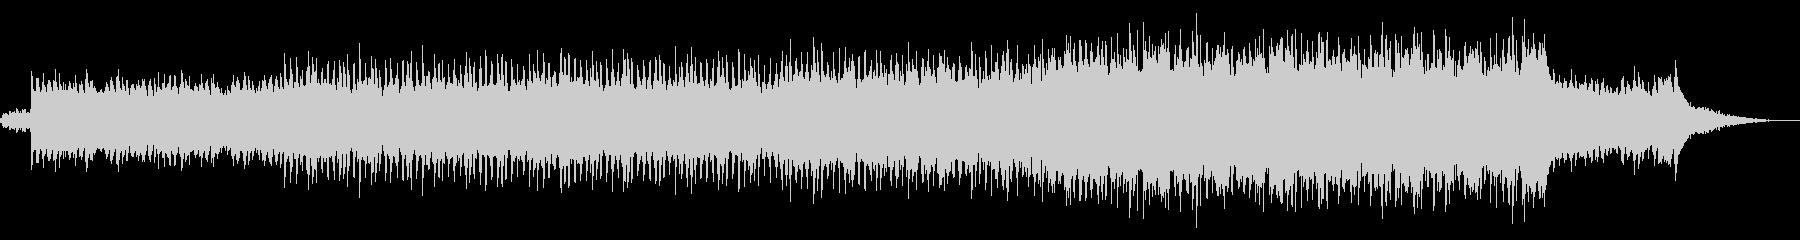 Brave orchestra short's unreproduced waveform